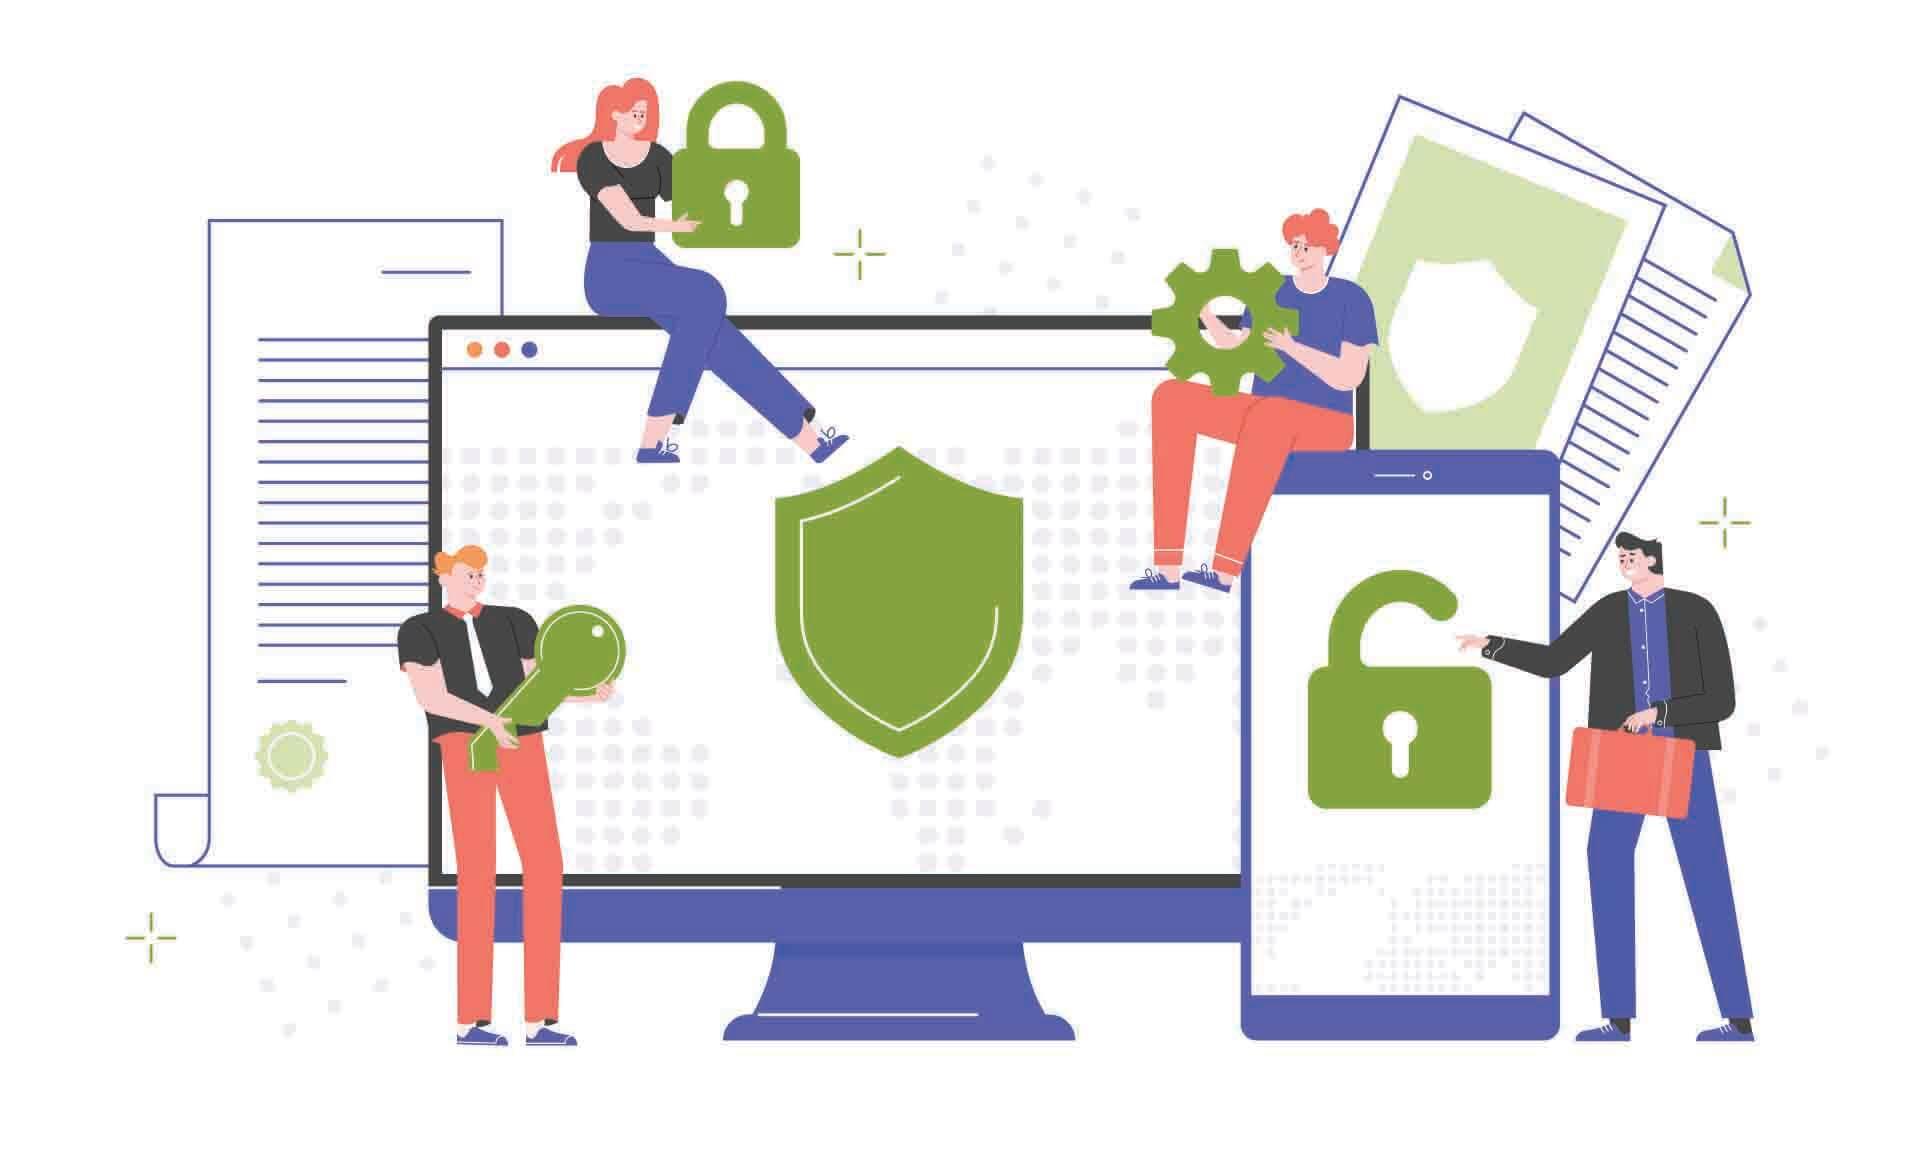 Ασφάλεια συσκευών και δικτύων ομάδας